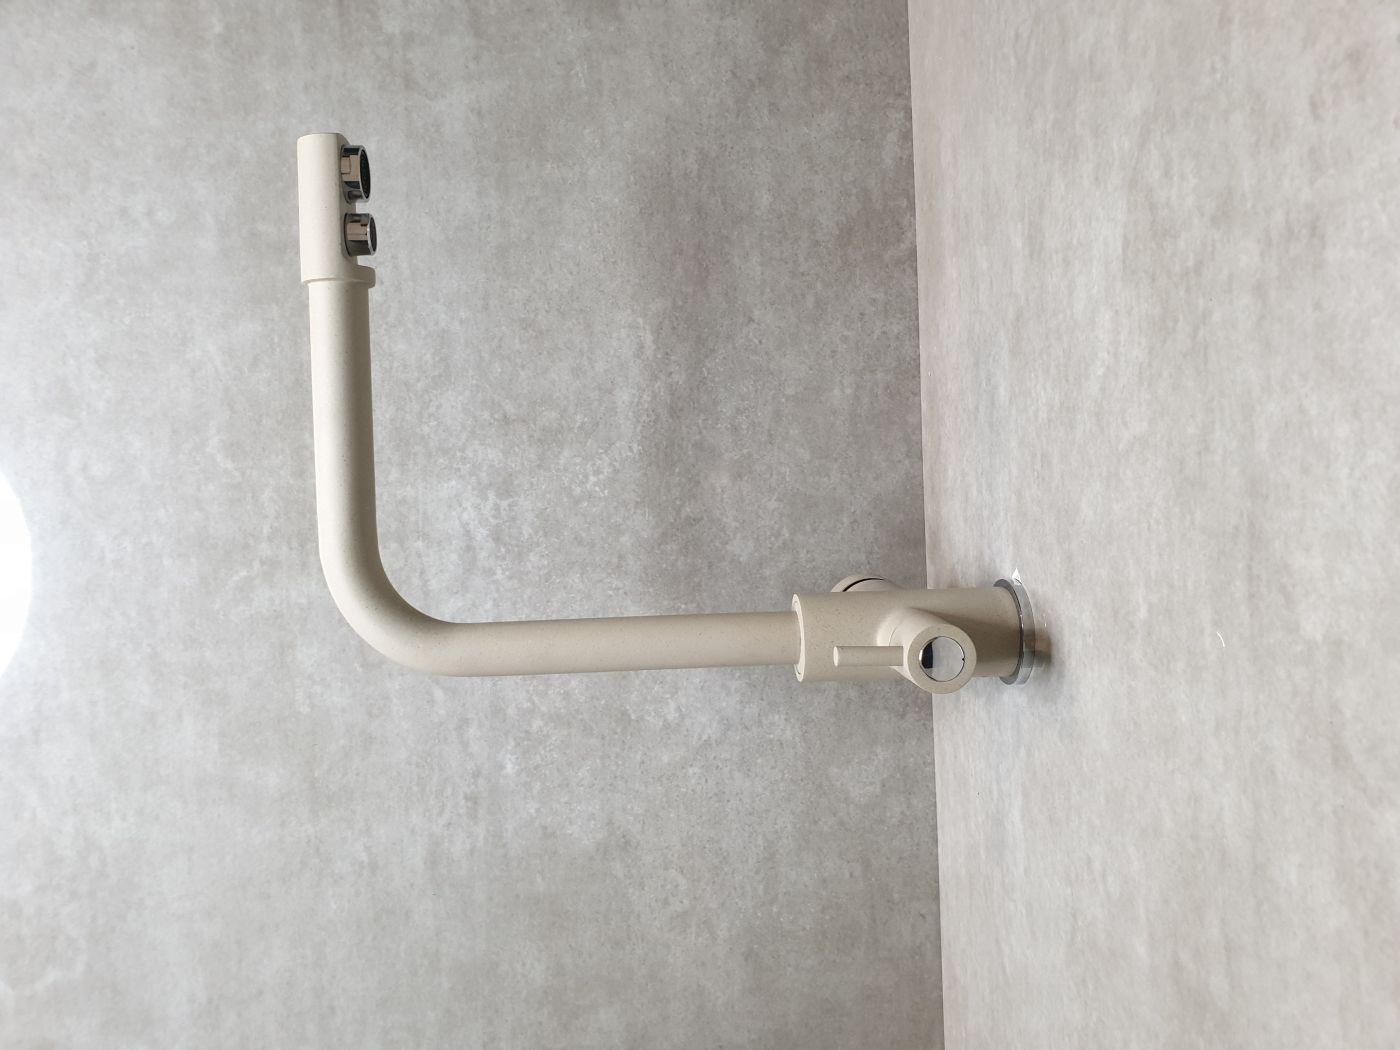 Смеситель для кухни с выходом под фильтр Frud R43053-20